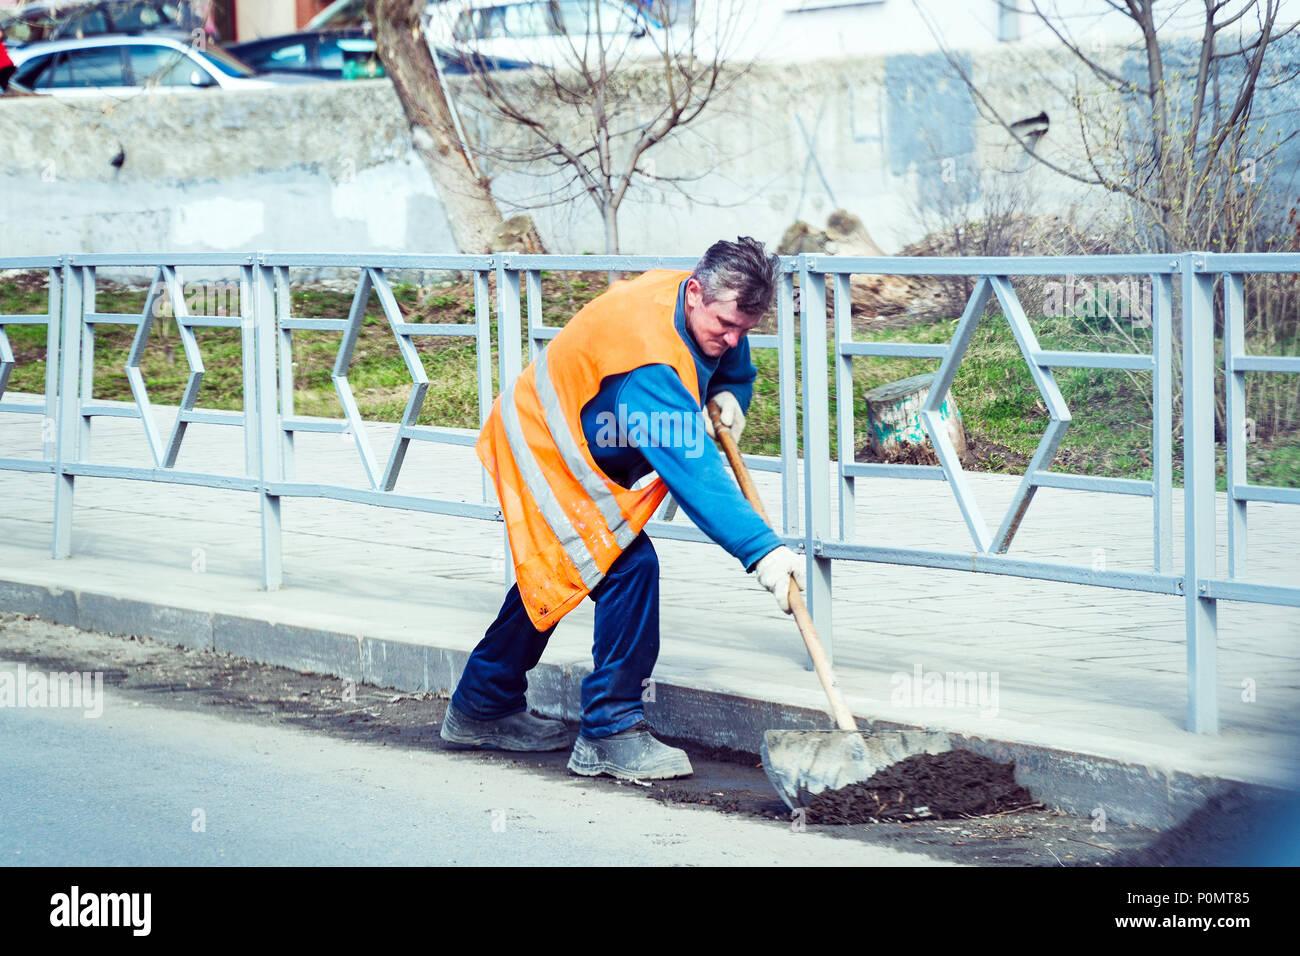 Le concierge dans un uniforme orange nettoie les déchets avec une pelle sur la ville street Photo Stock